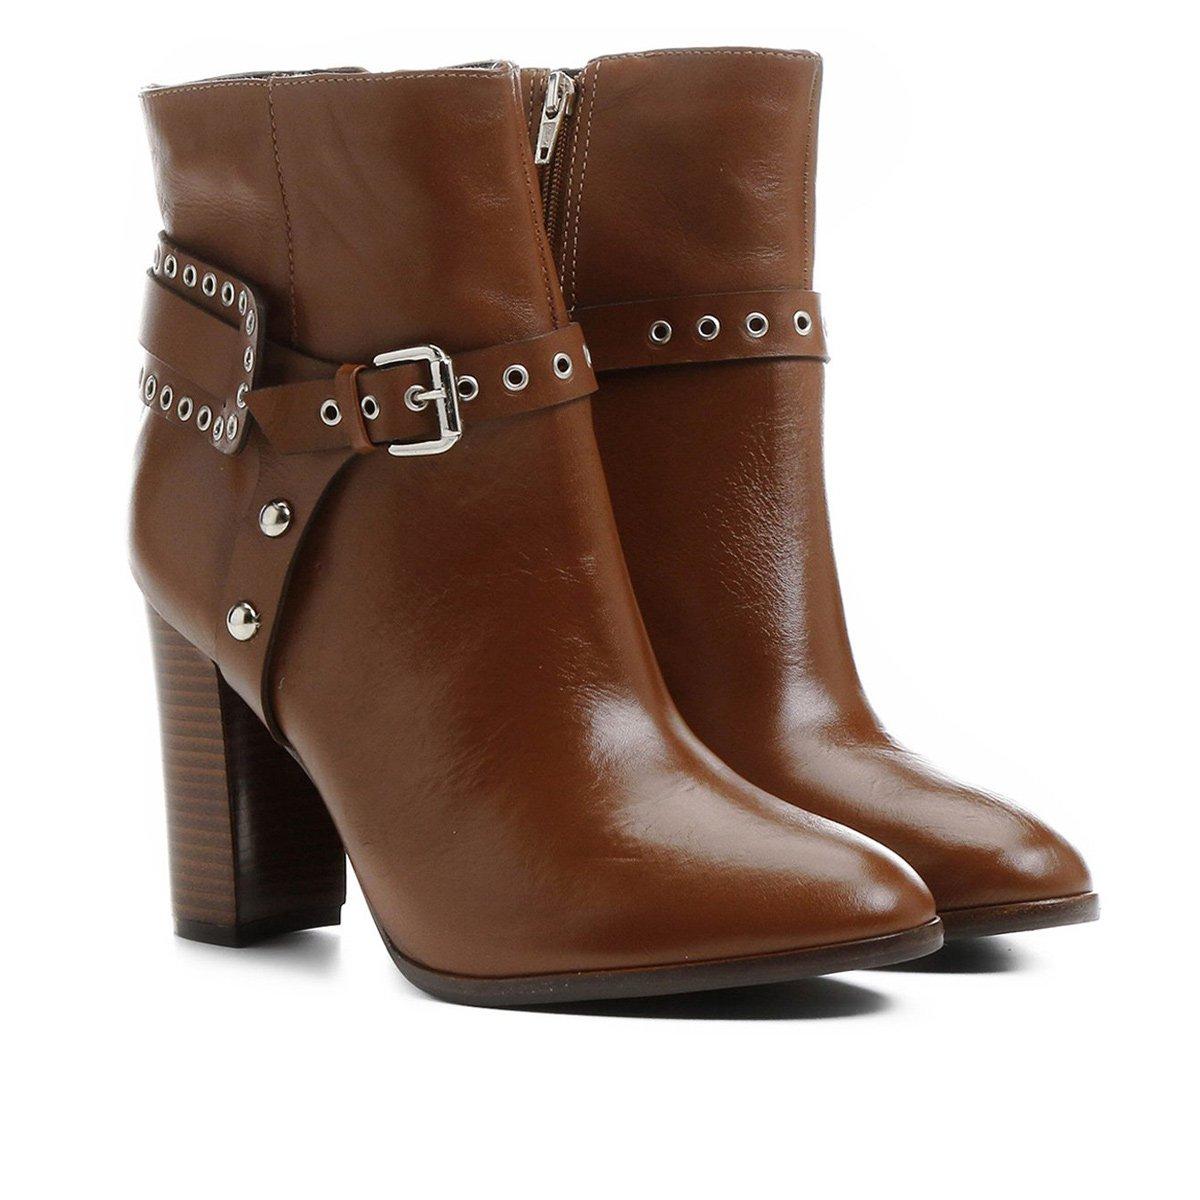 5ed1caaa4 Bota Couro Shoestock Cano Curto Salto Alto Detalhe Selaria Feminina -  Caramelo - Compre Agora